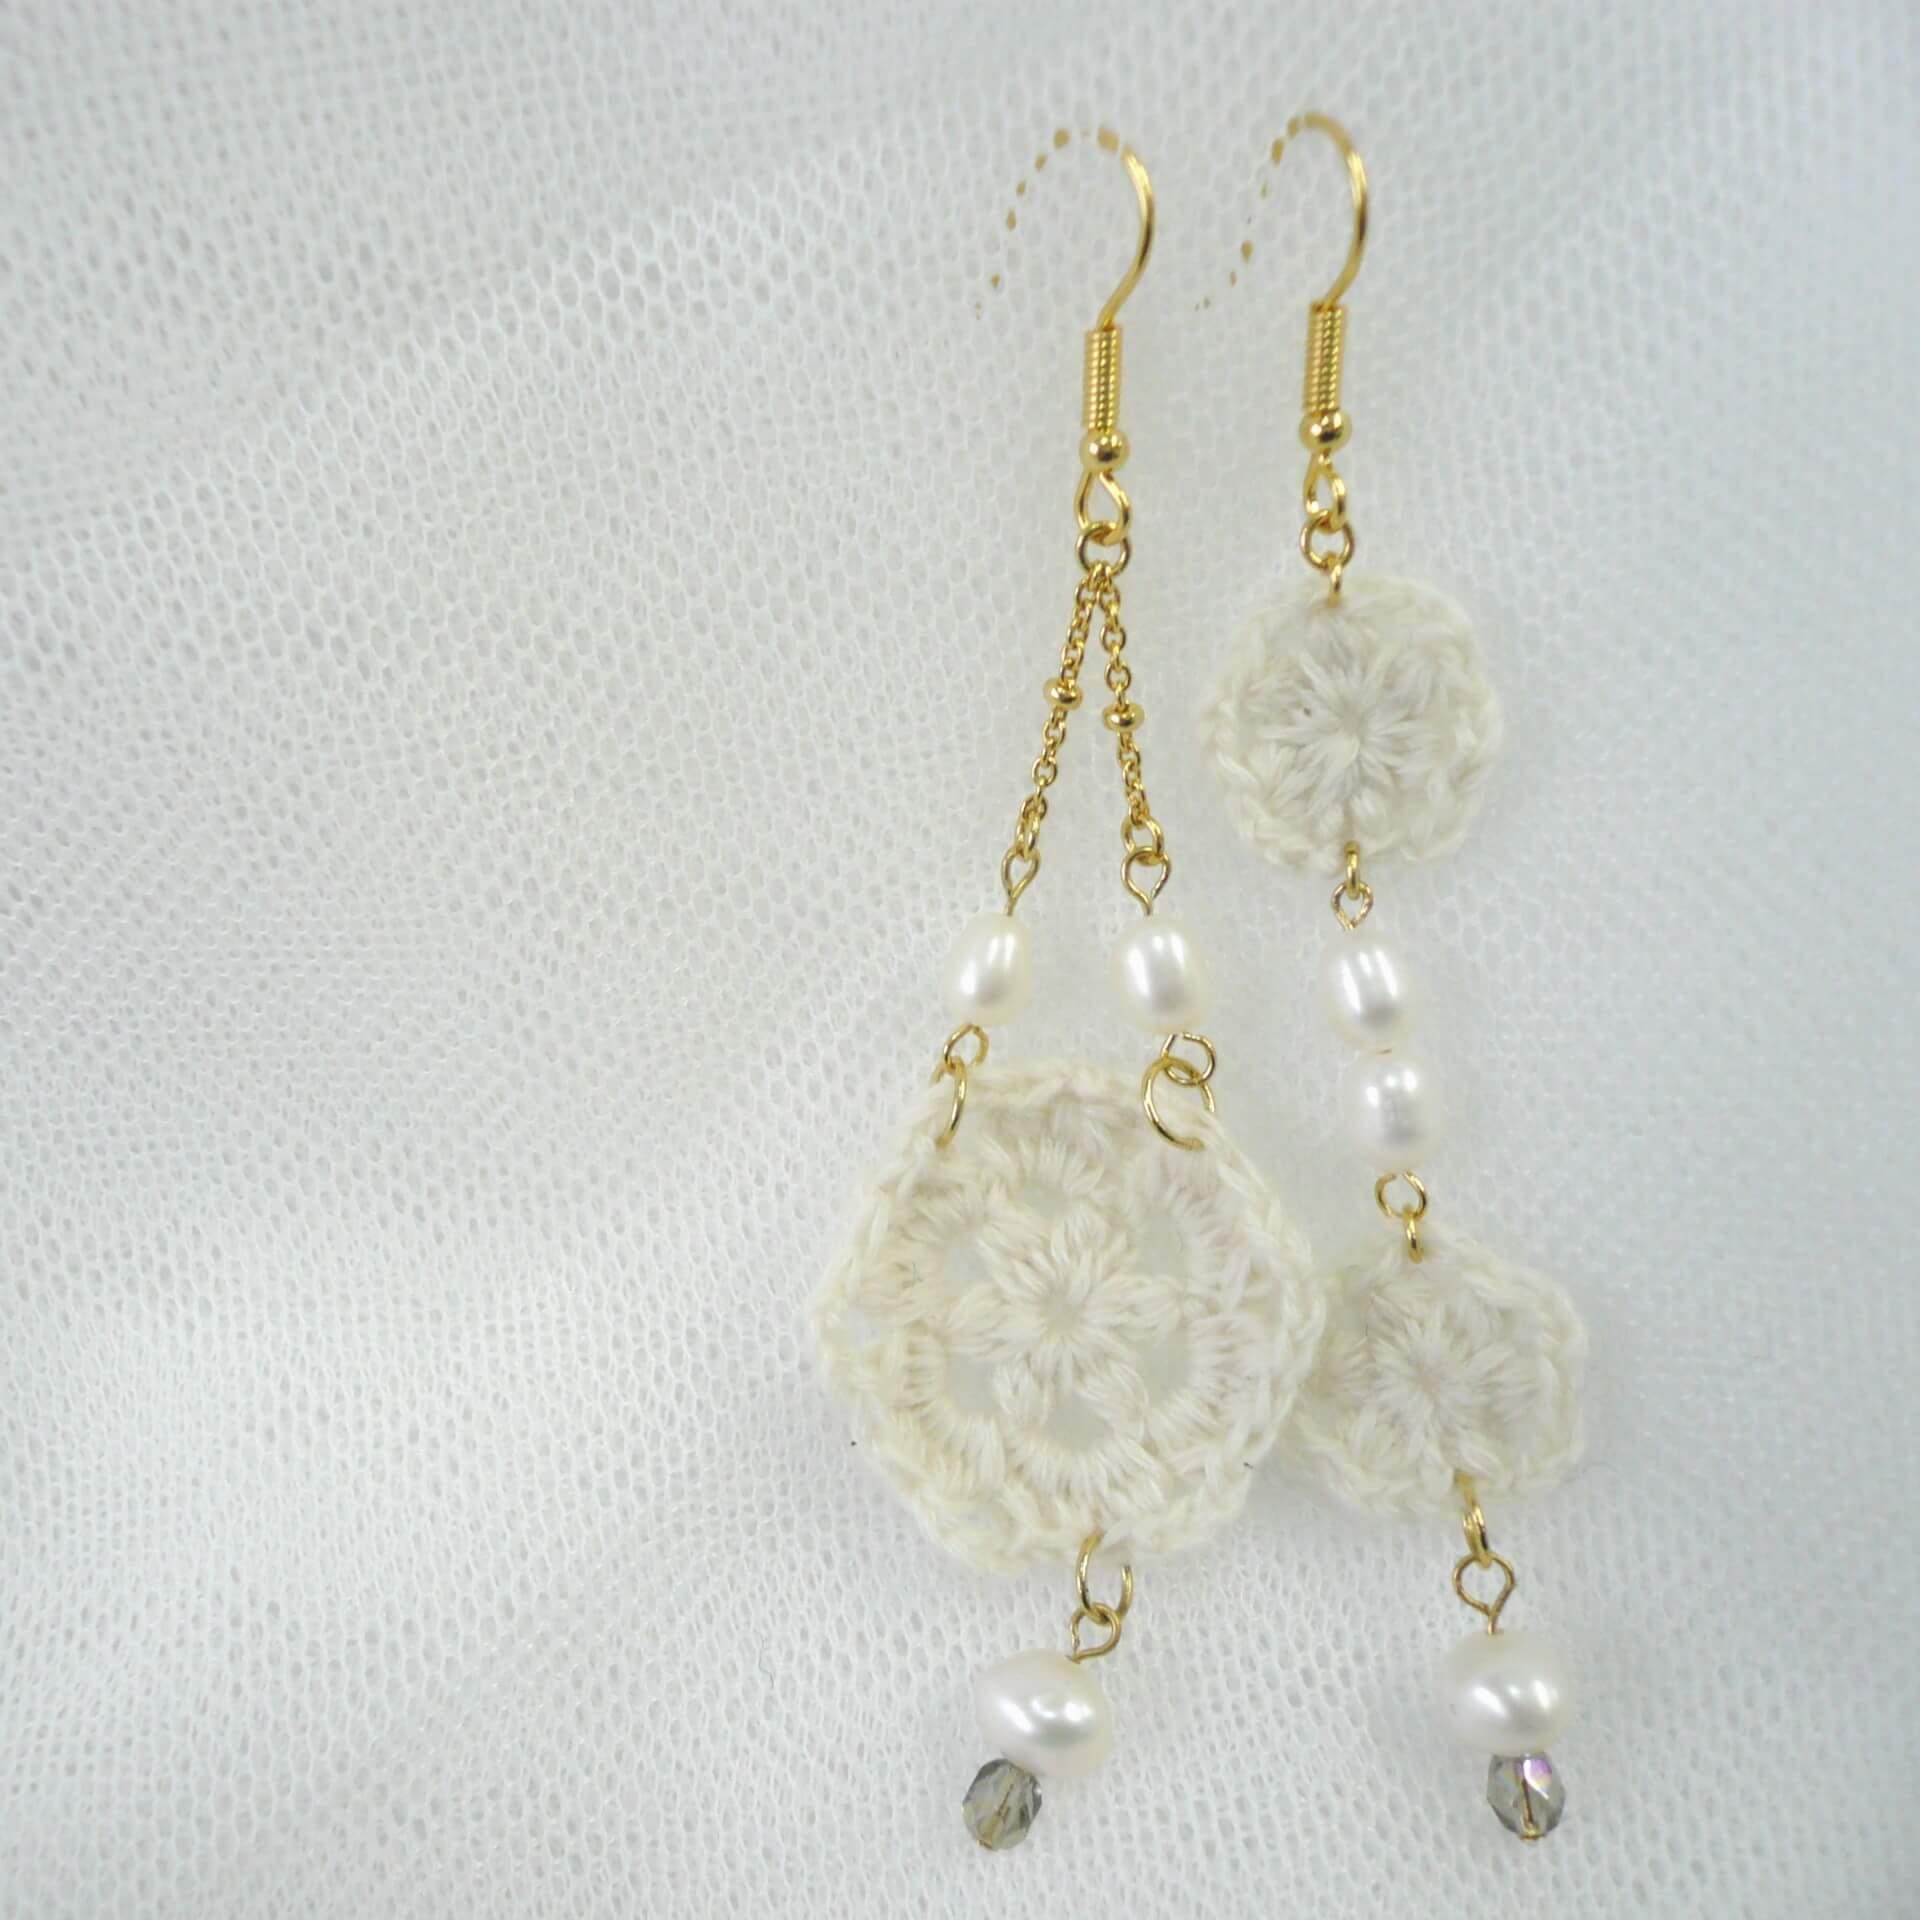 耳元を飾るニット。オーガニックコットンウールの糸で編んだ、ナチュラルな雰囲気があるカギ針編みのピアスです。